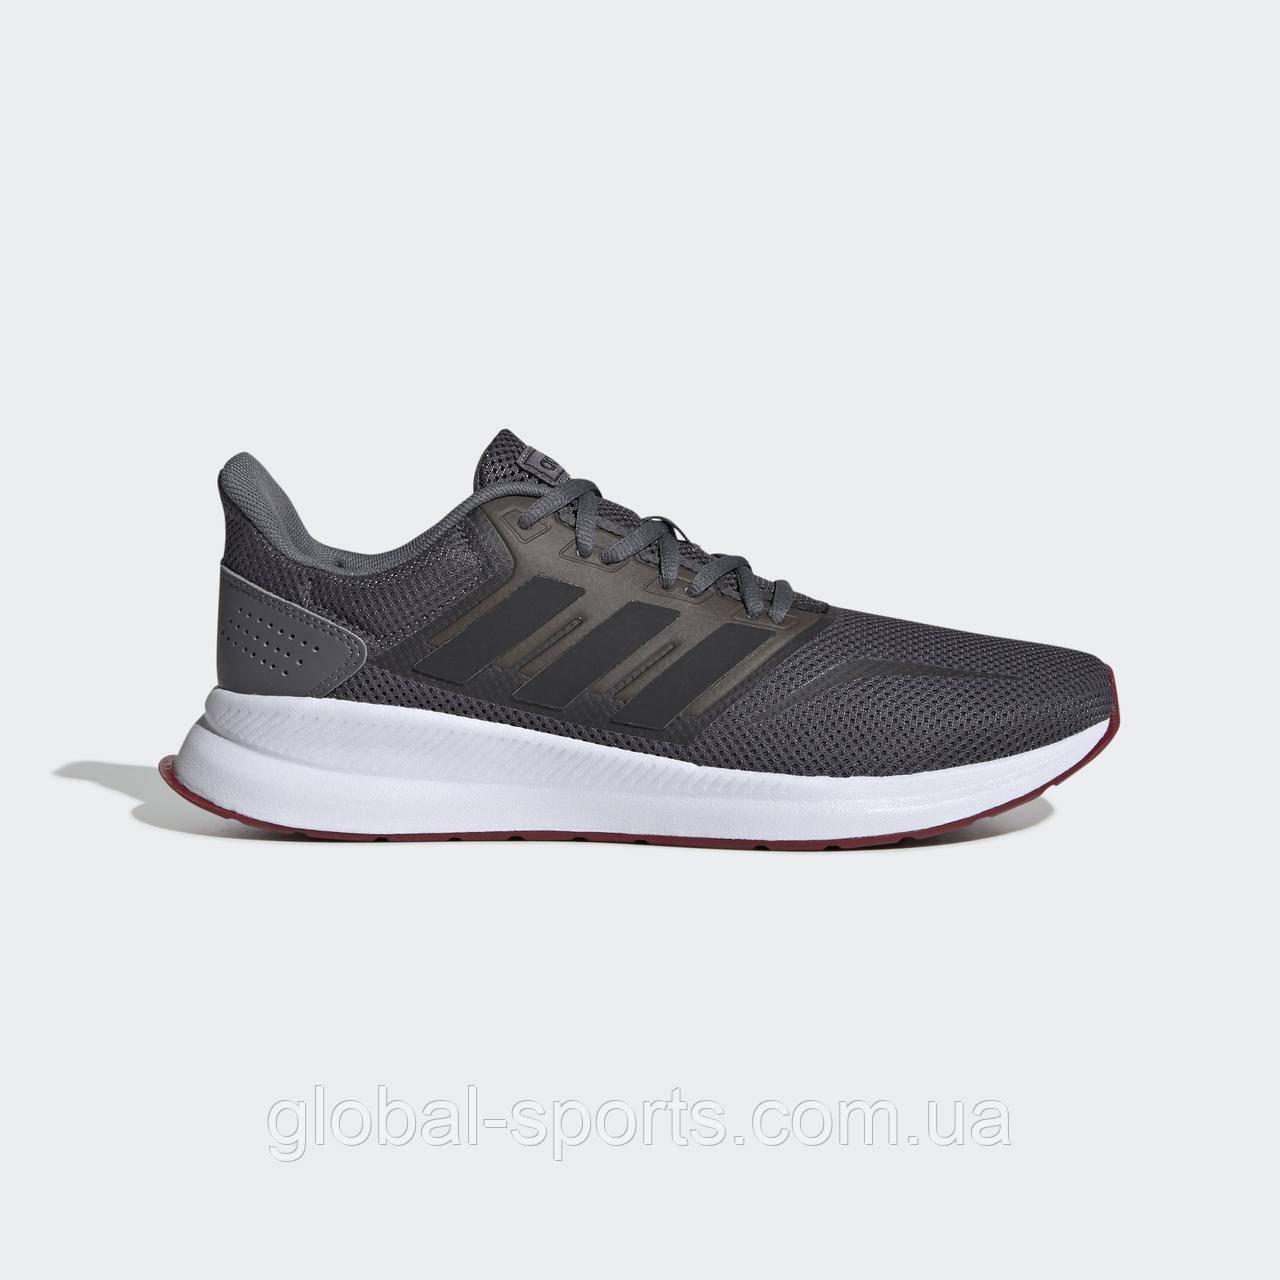 Мужские кроссовки Adidas Runfalcon(Артикул:EE8153)